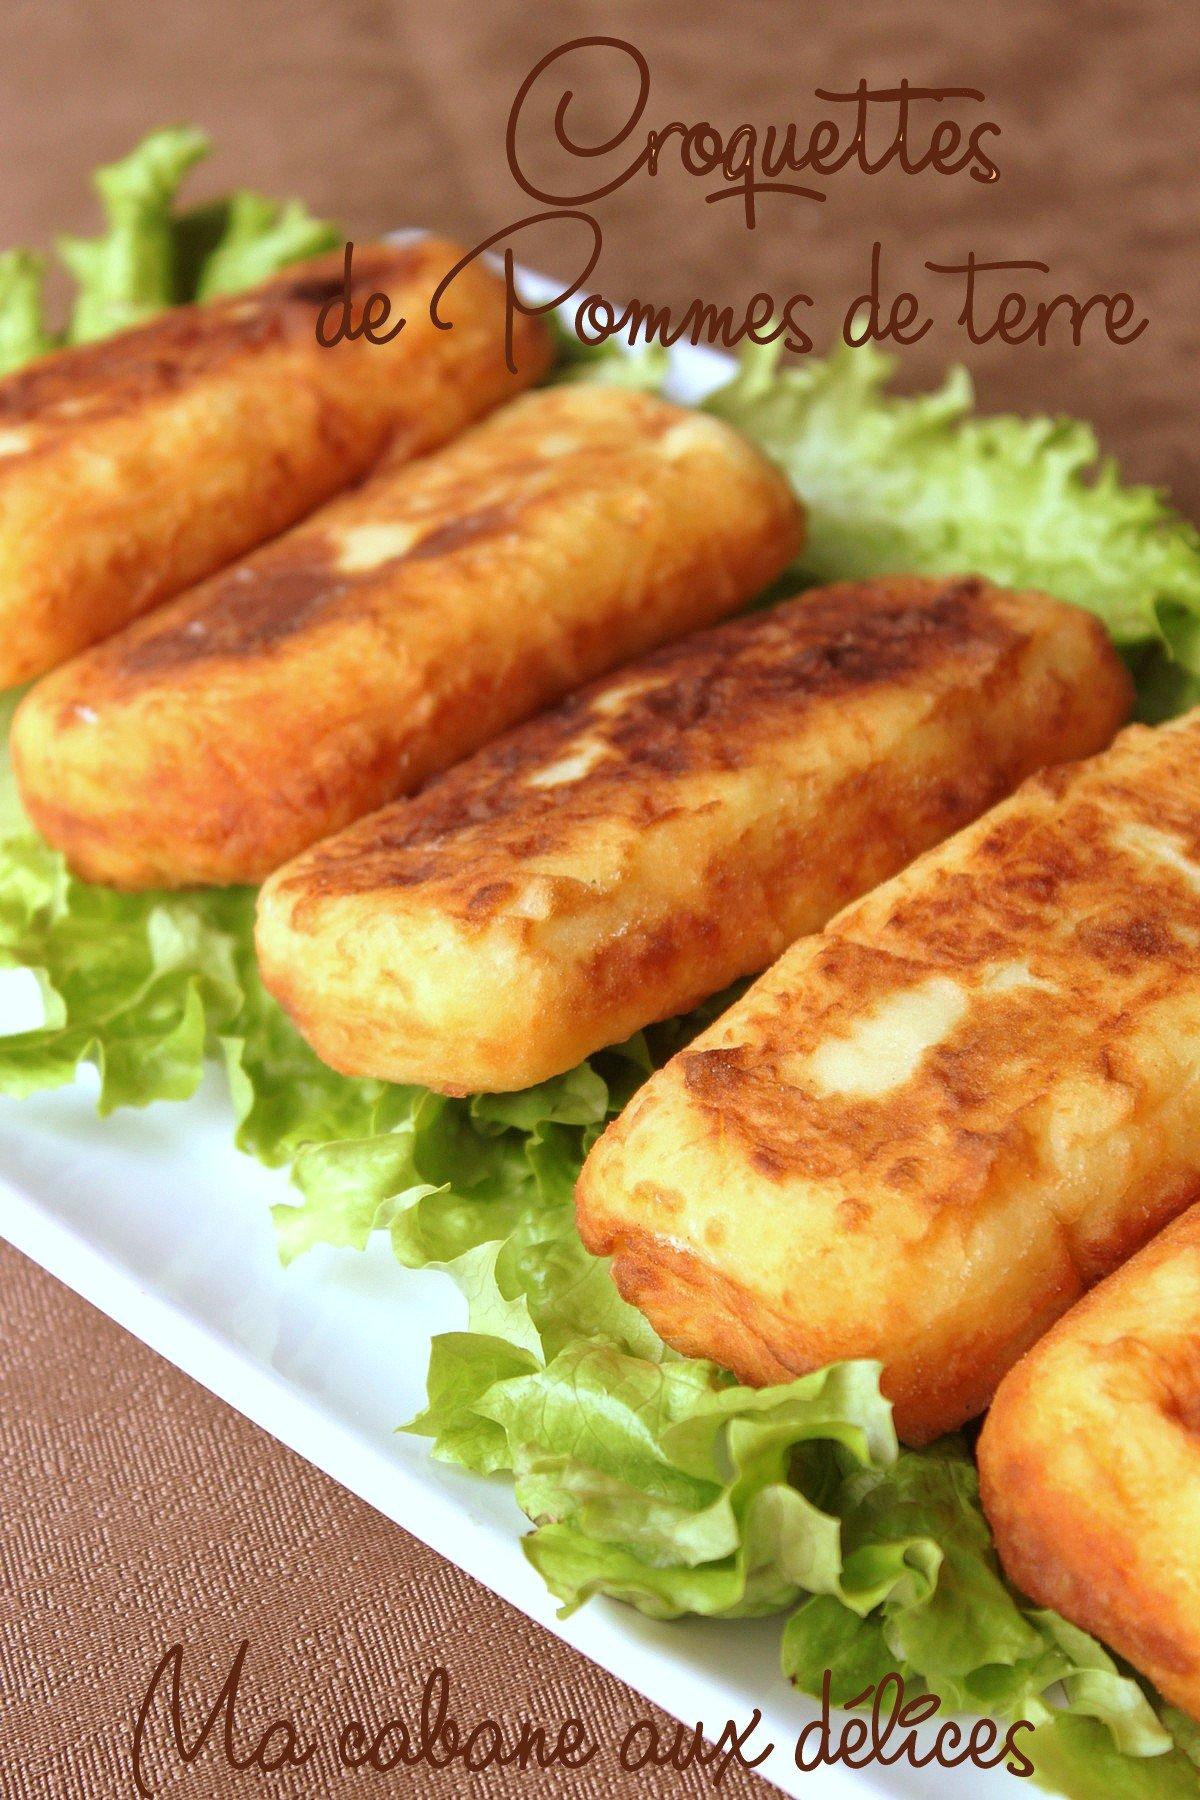 croquettes de pommes de terre la viande hach e recettes faciles recettes rapides de djouza. Black Bedroom Furniture Sets. Home Design Ideas